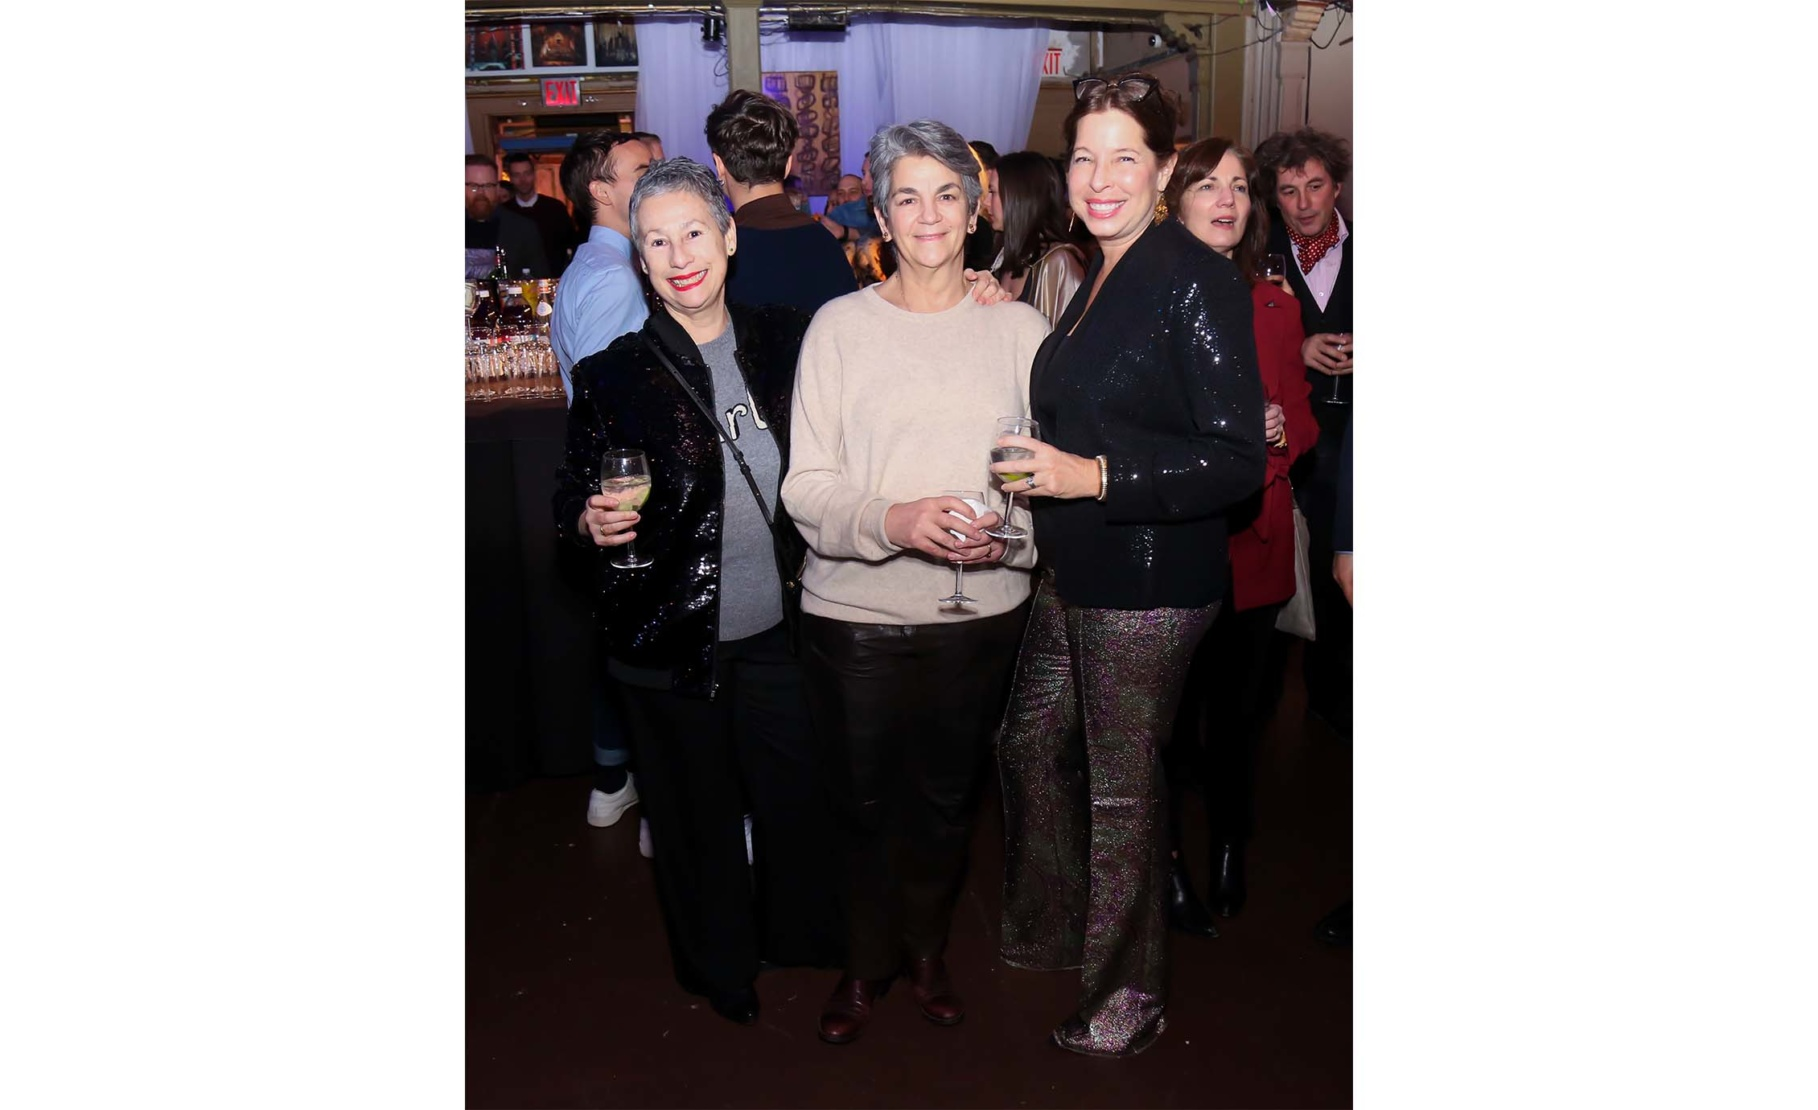 Cristina Grajales, Isabelle Krishen and Anne Pasternak